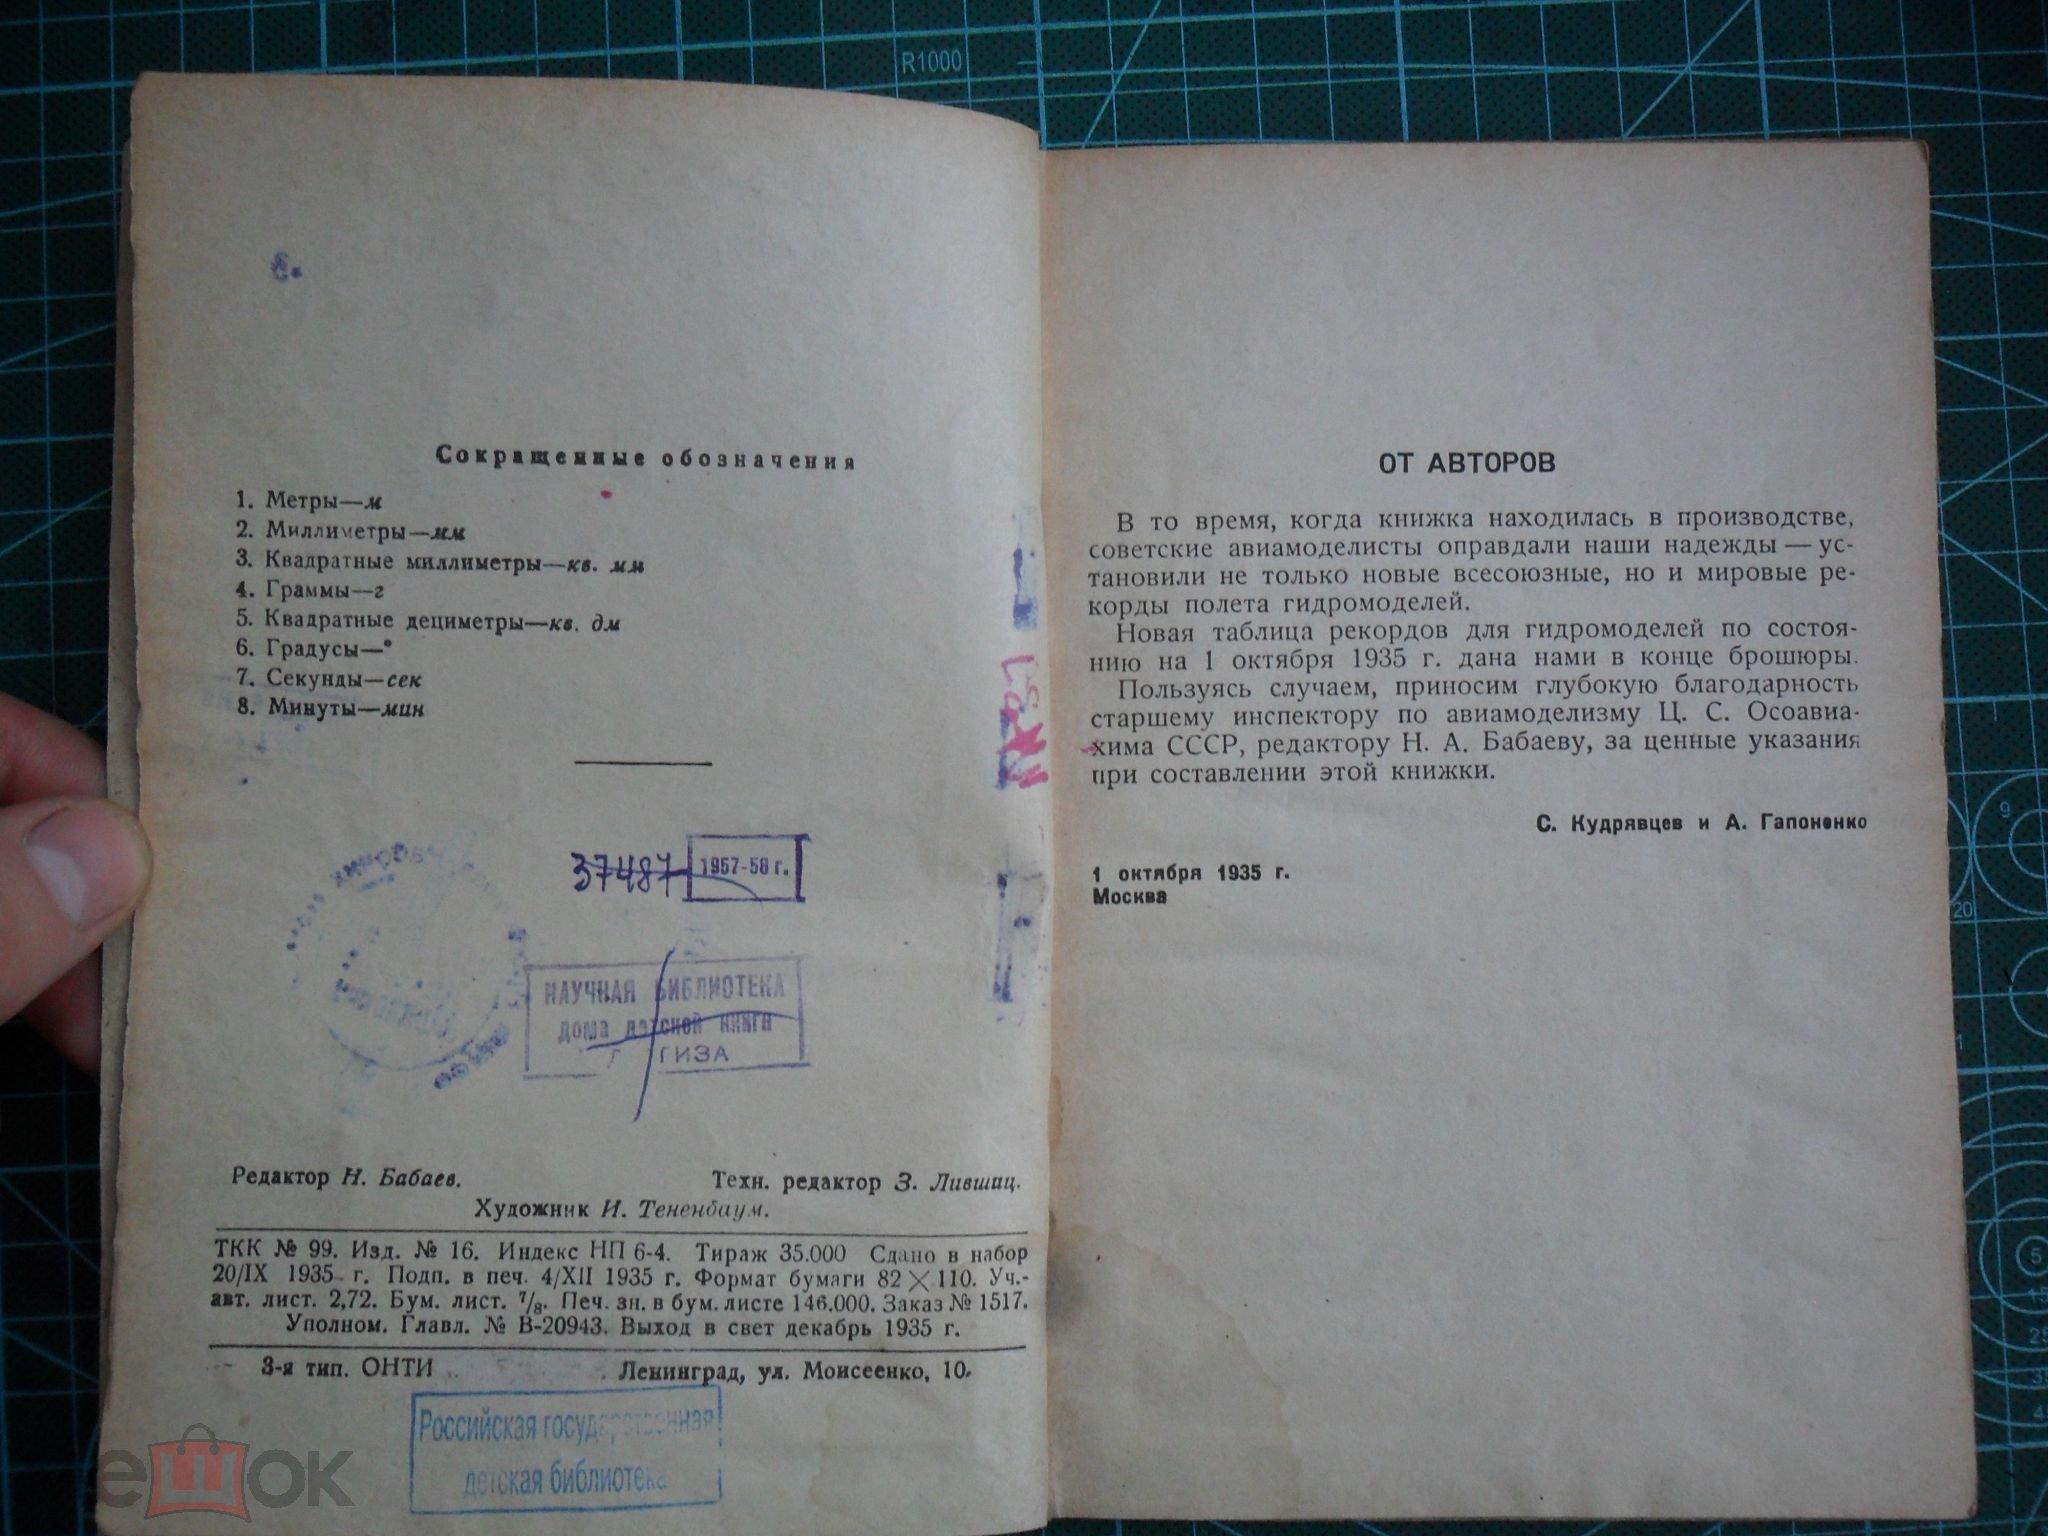 Летающая модель гидросамолета 1935 г. С.Кудрявцев А.Гапоненко